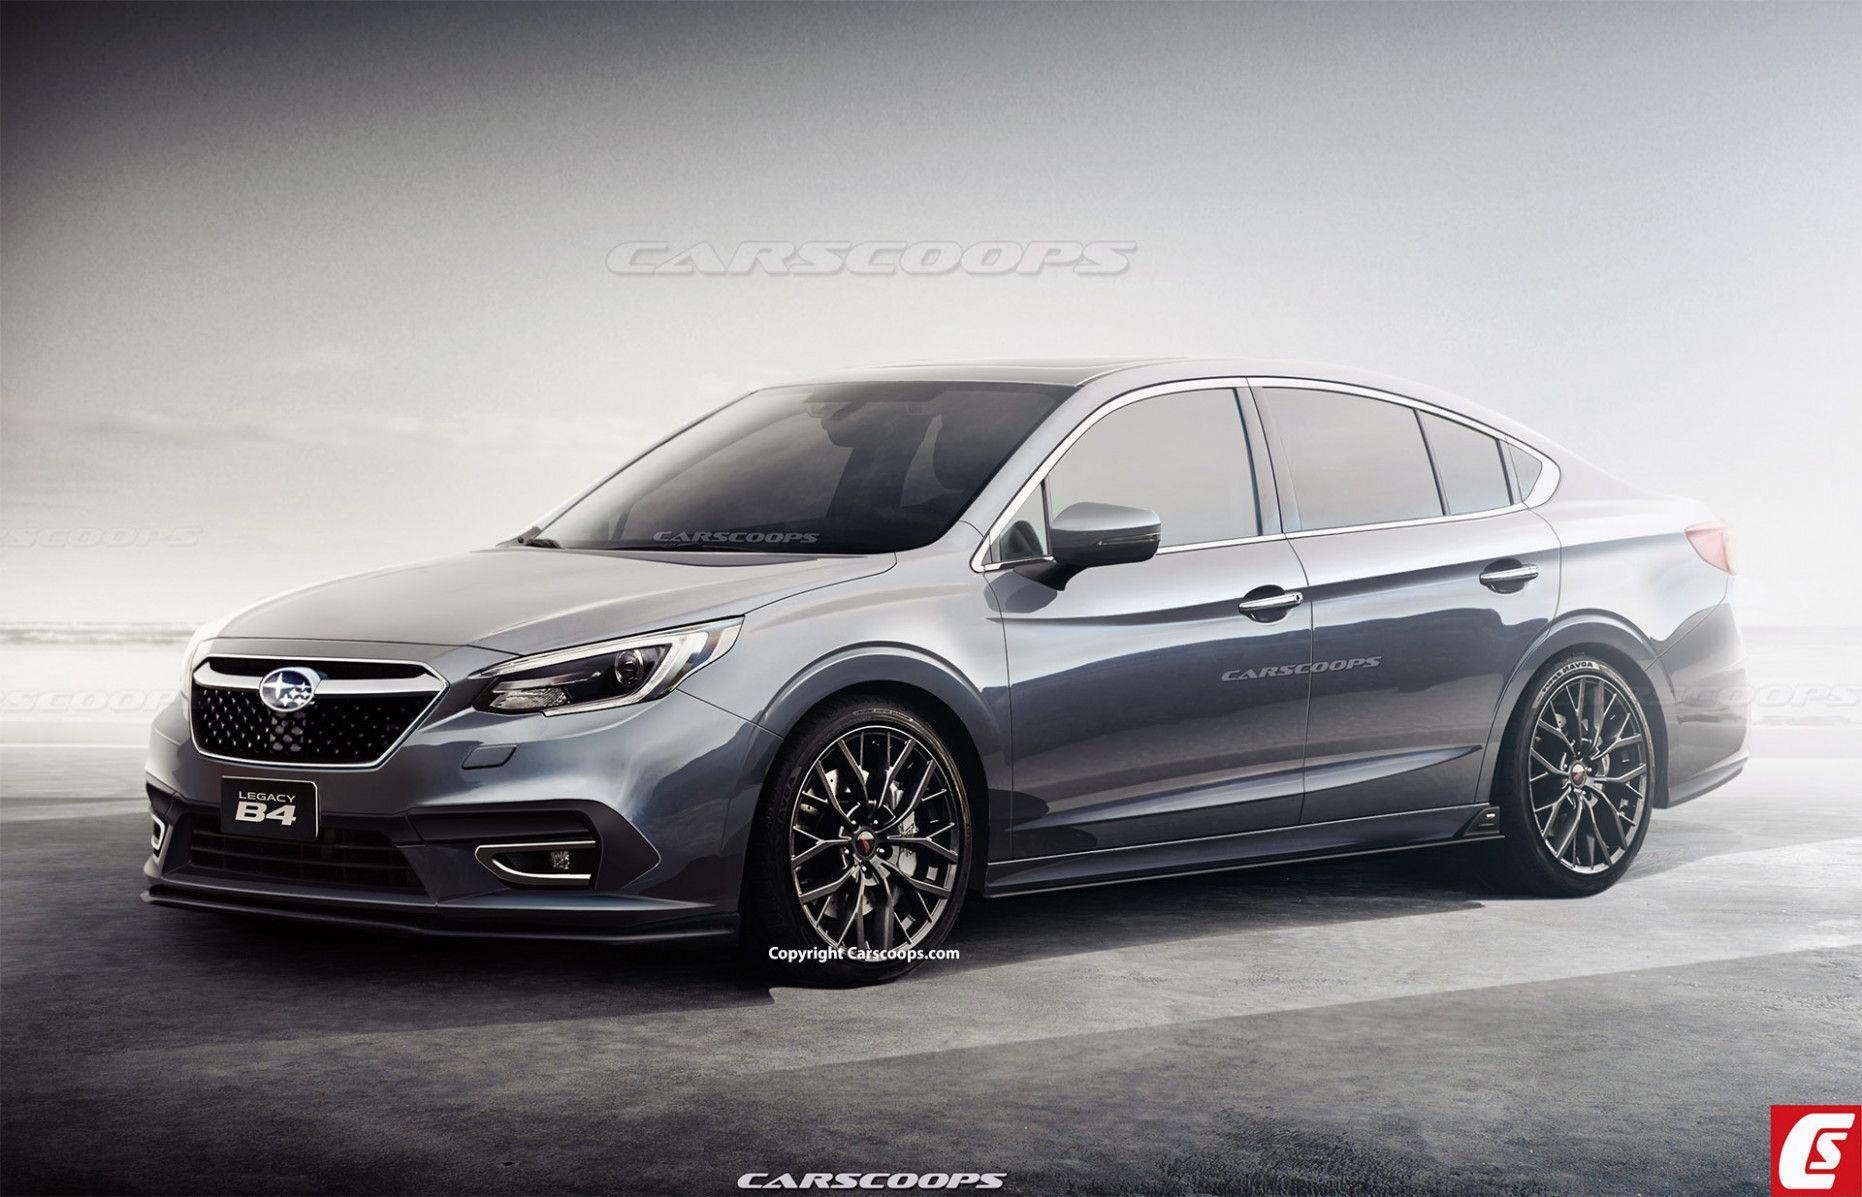 2020 Subaru Horsepower In 2020 Subaru Legacy Subaru Cars Subaru